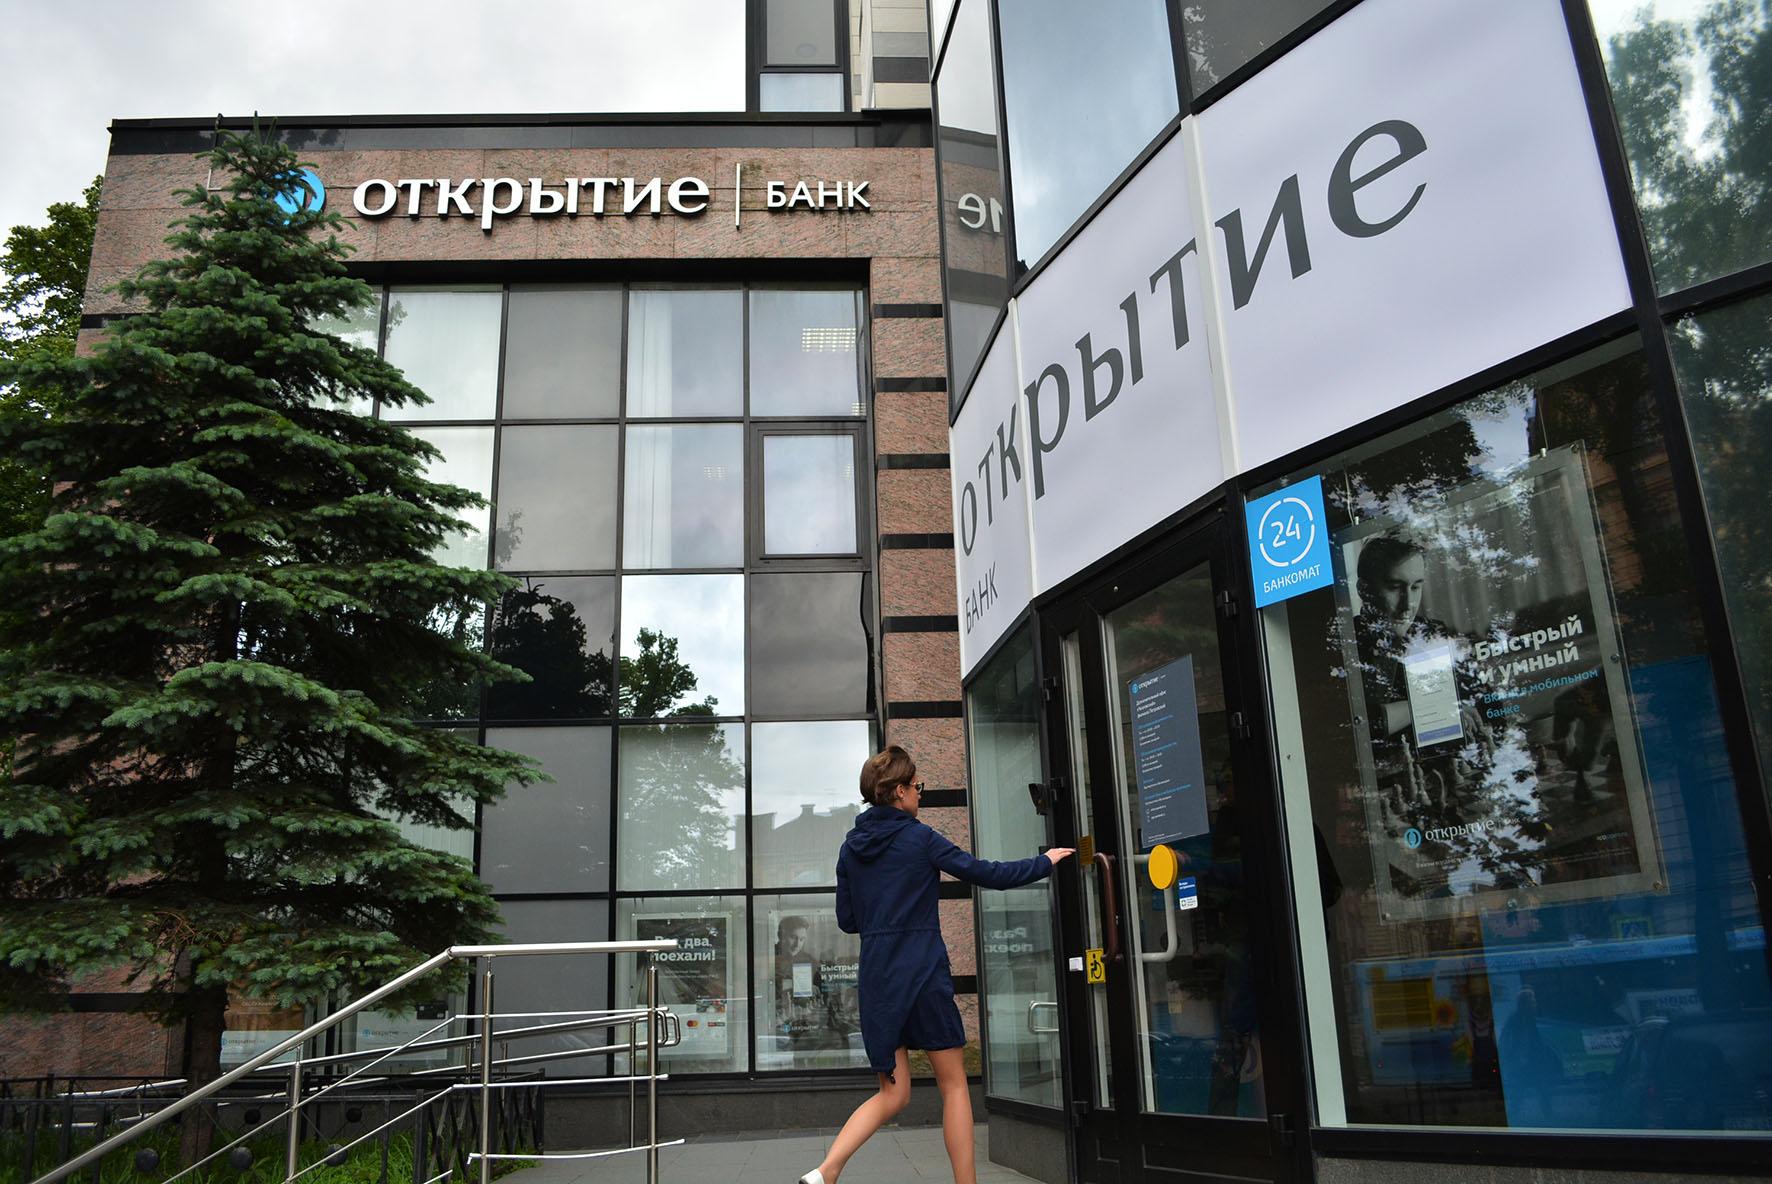 """Чистая прибыль банка """"Открытие"""" за 1 квартал 2021 года по РСБУ выросла более чем в 8 раз - до 26 млрд рублей - новости Афанасий"""